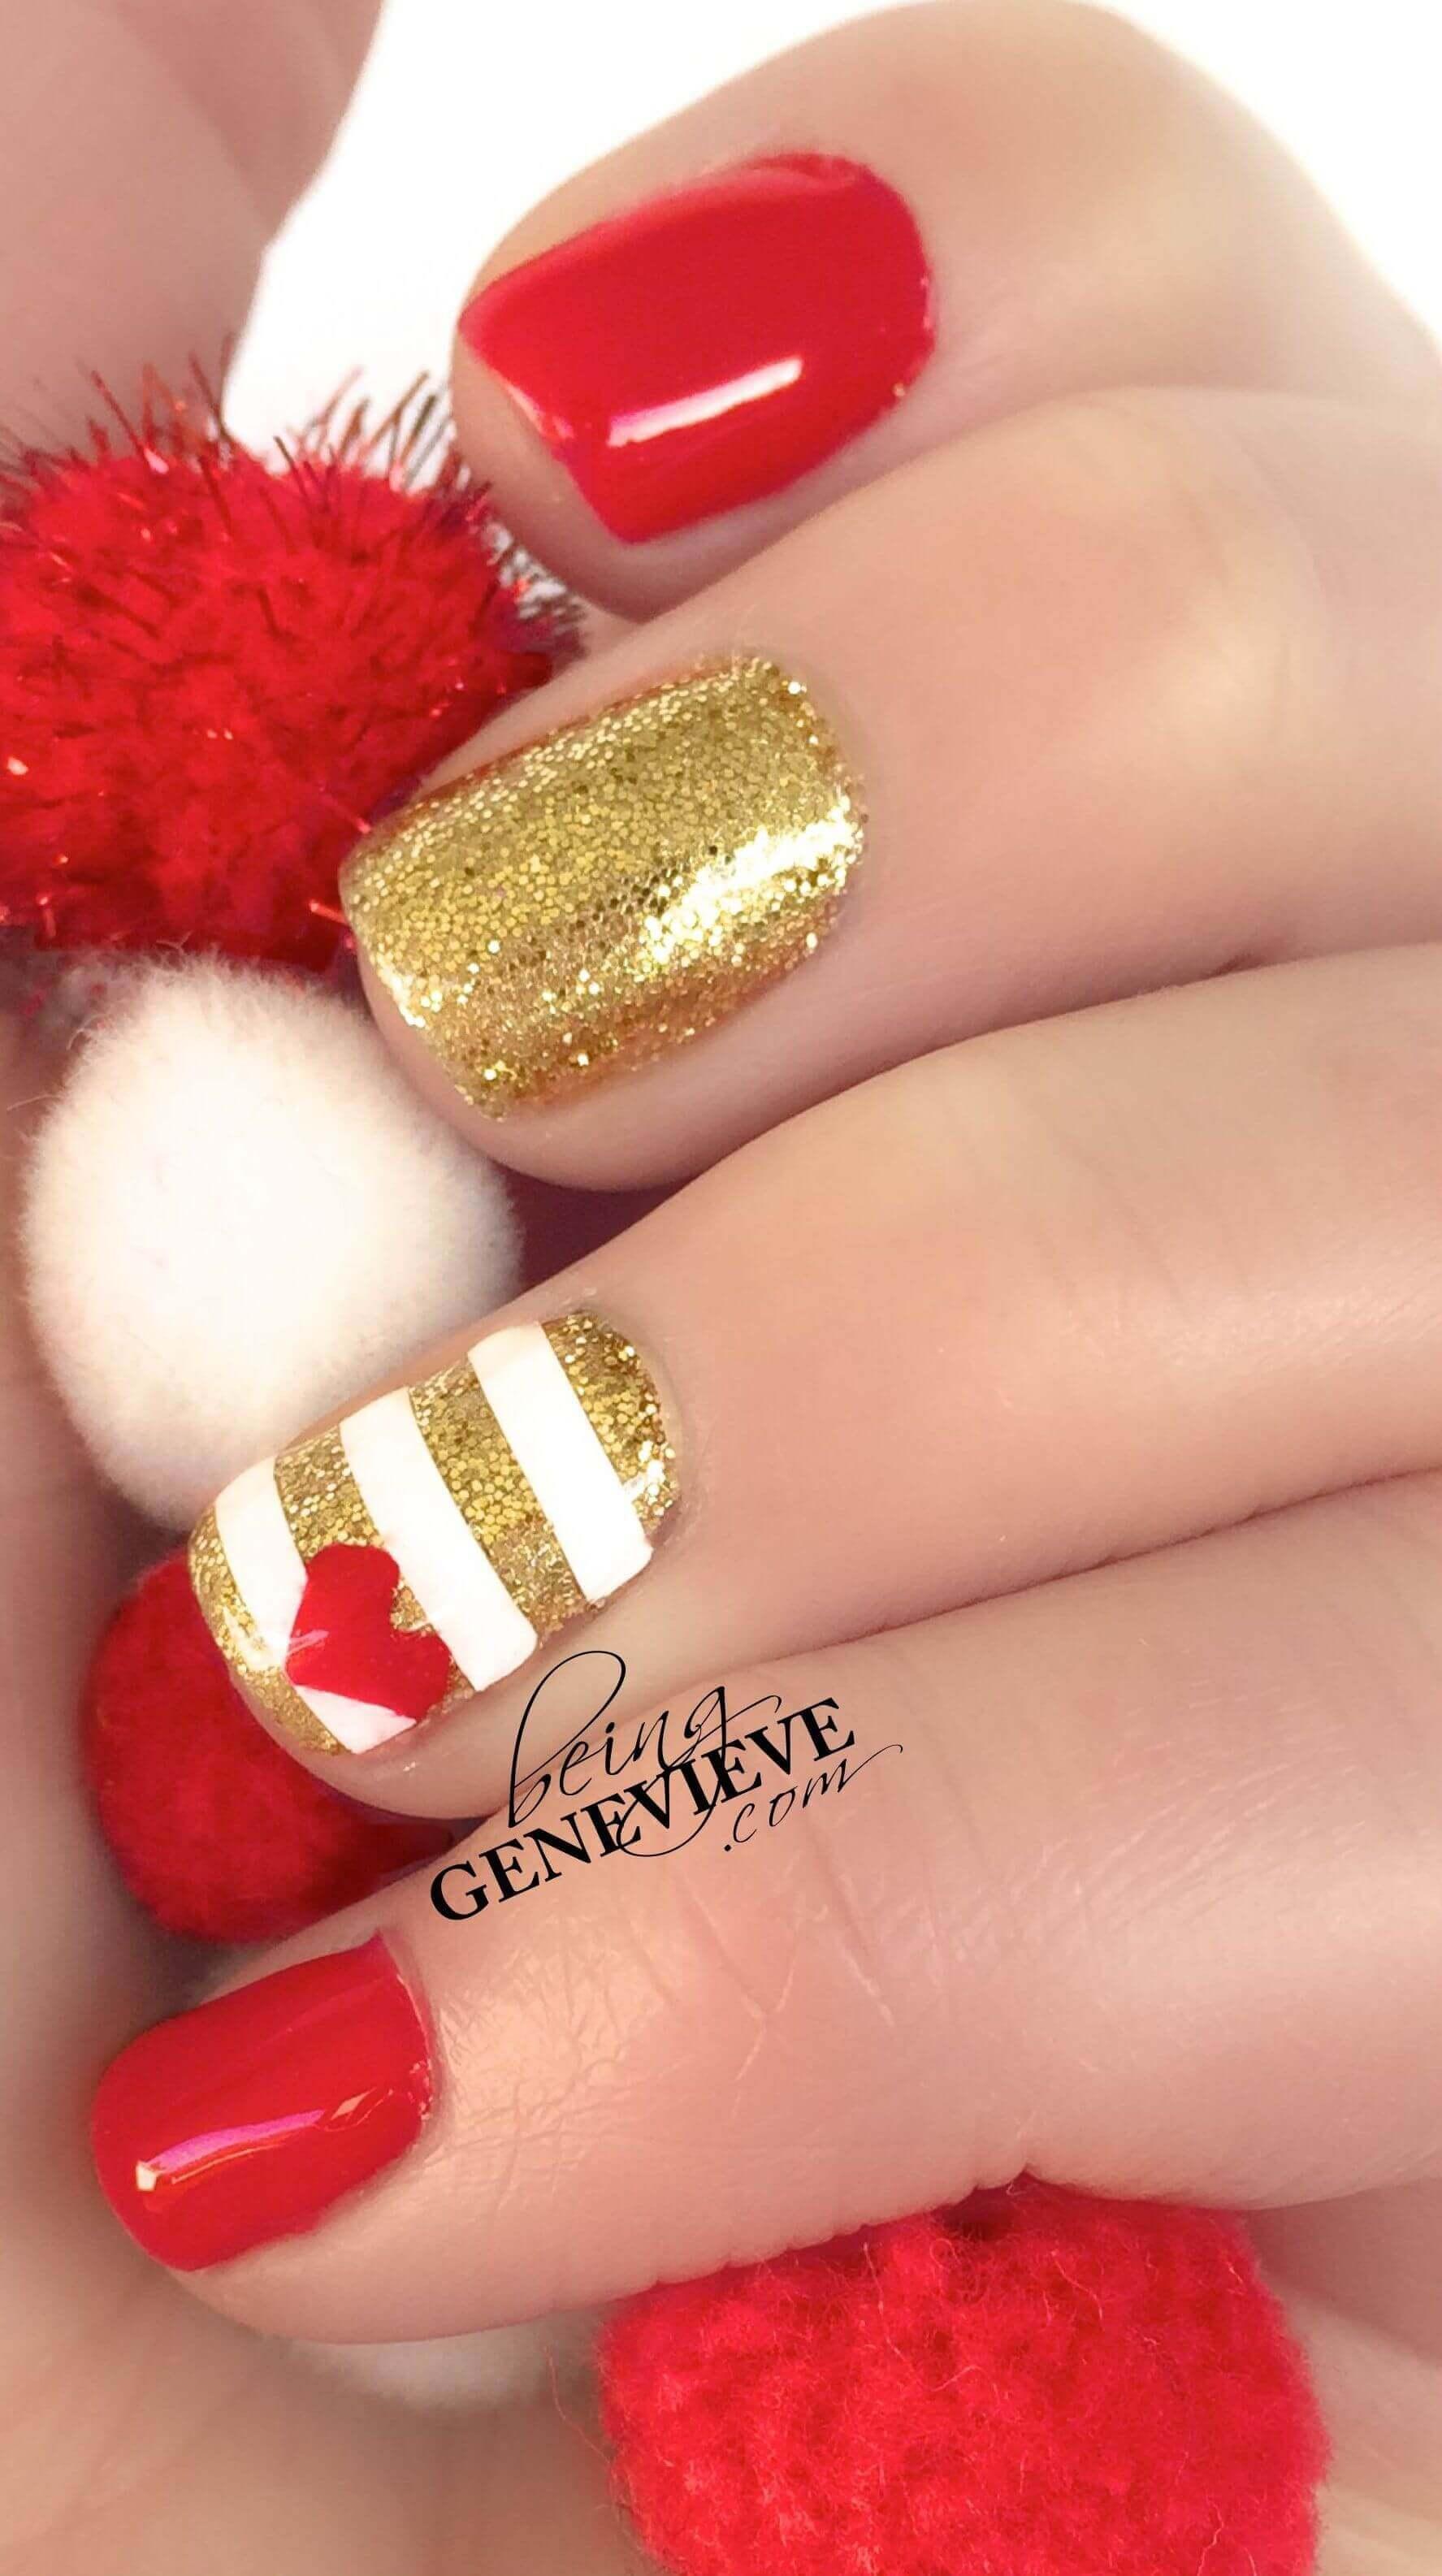 uñas doradas con diseño rojo